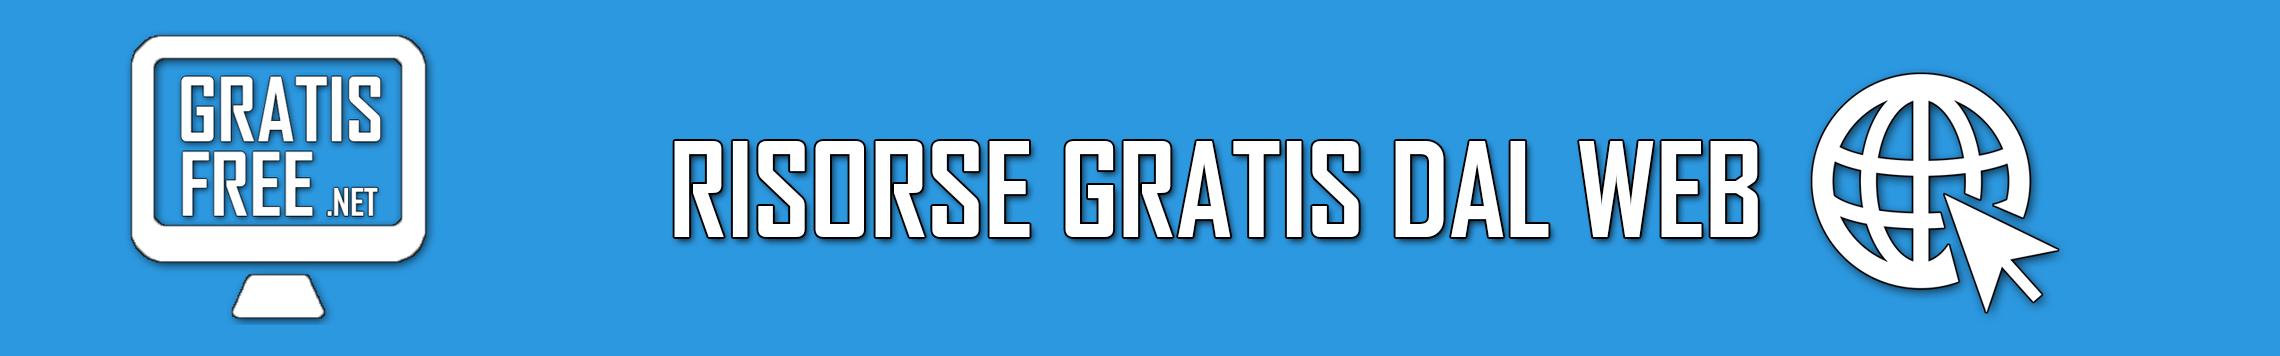 GratisFree.net